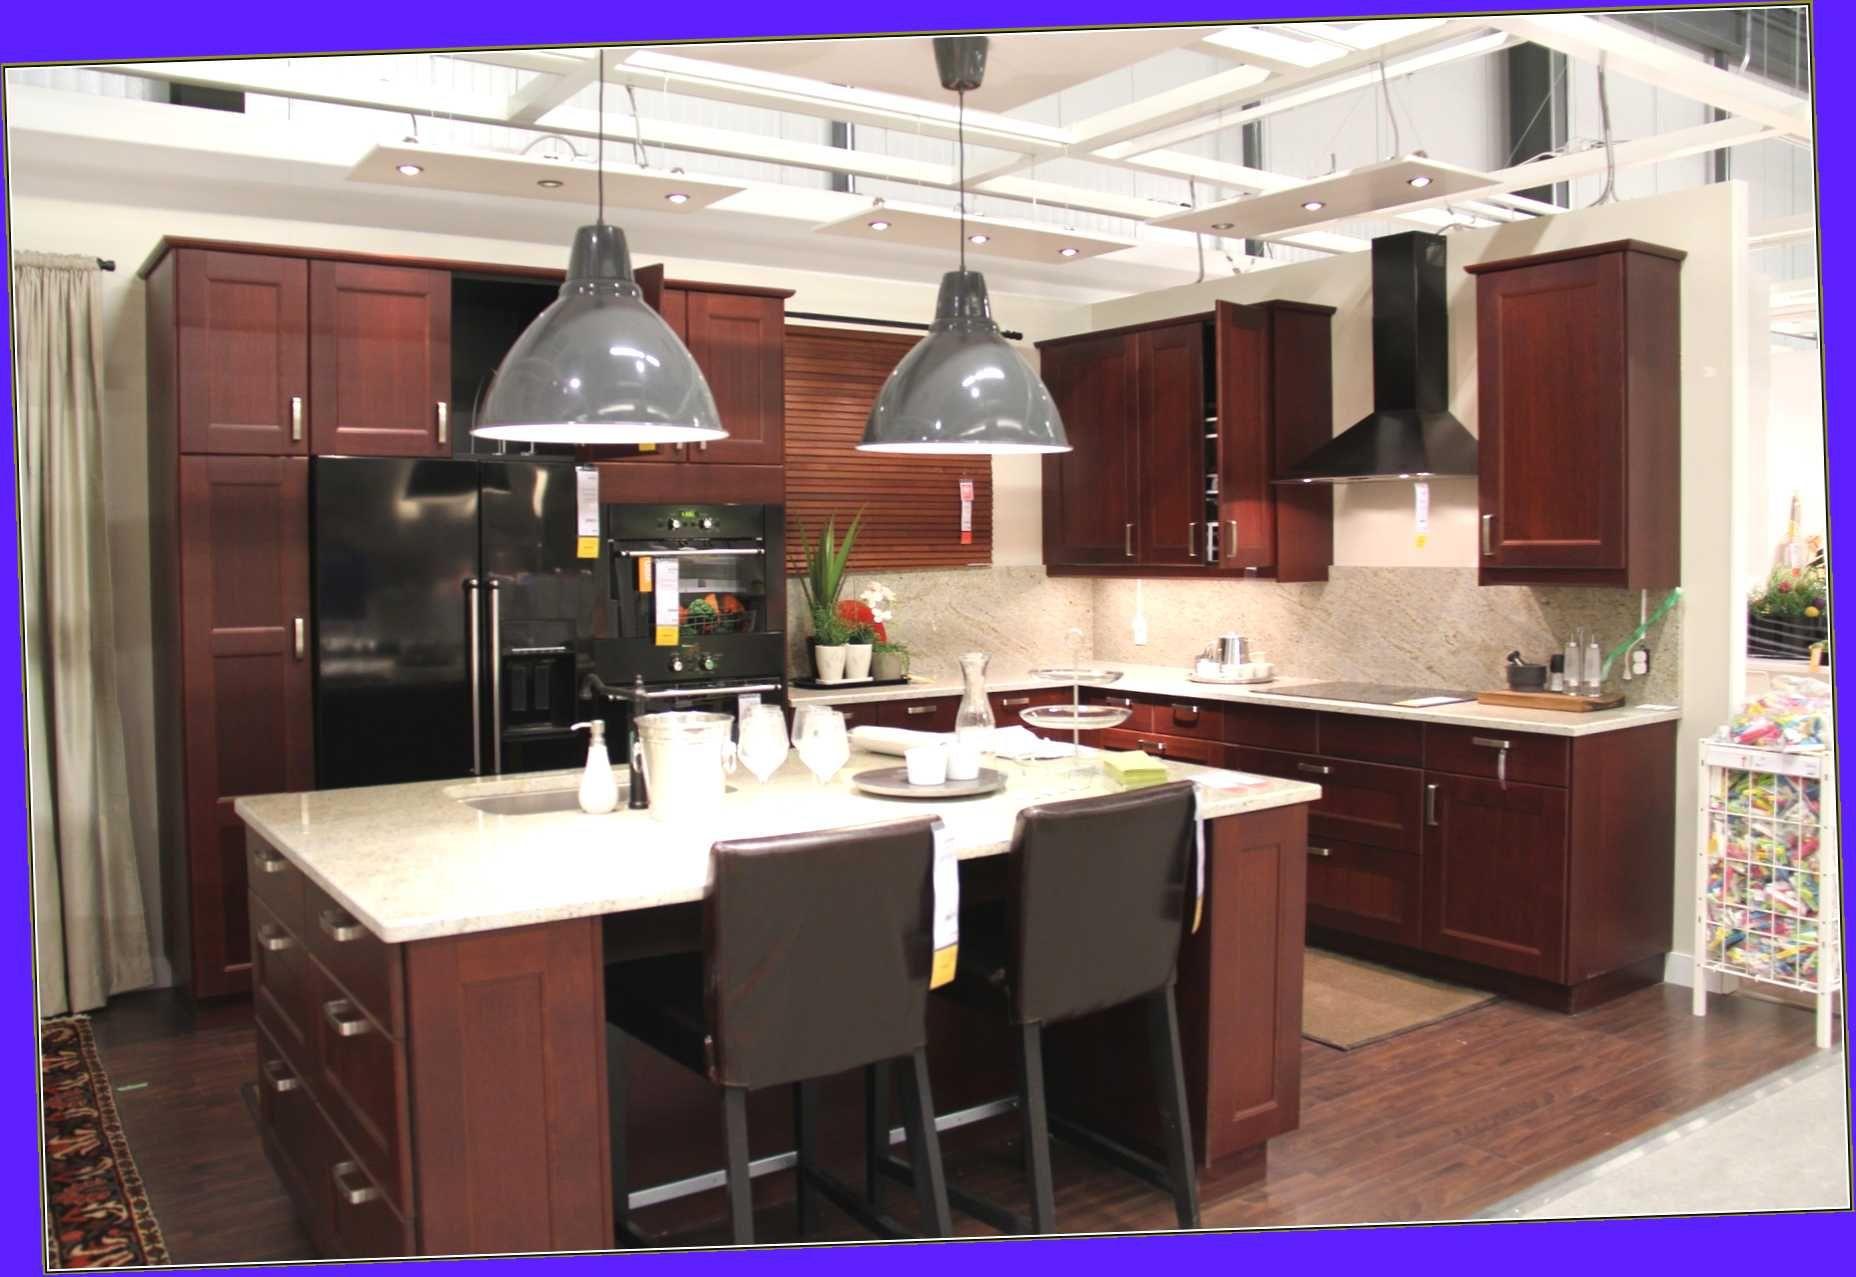 10X10 Kitchen Designs - Besto Blog   Ikea kitchen ...